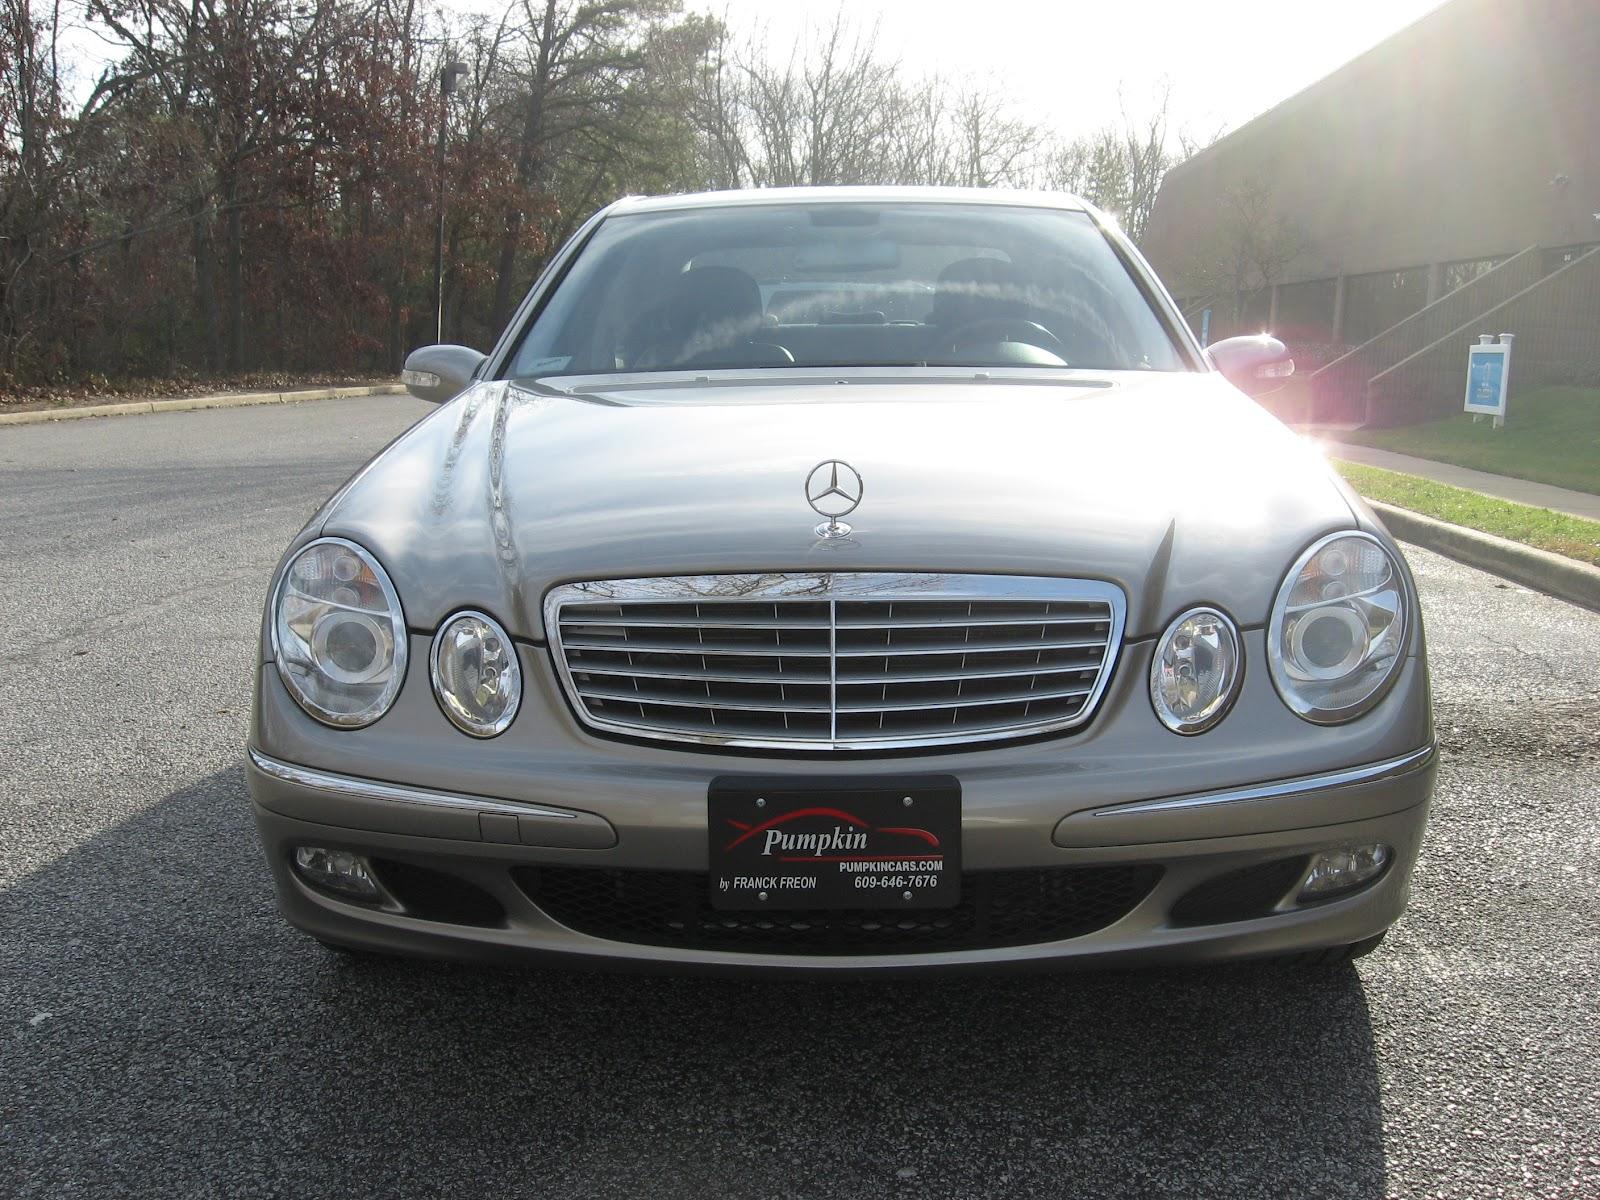 Pumpkin fine cars and exotics 2006 mercedes benz e350 4matic for Mercedes benz 4matic